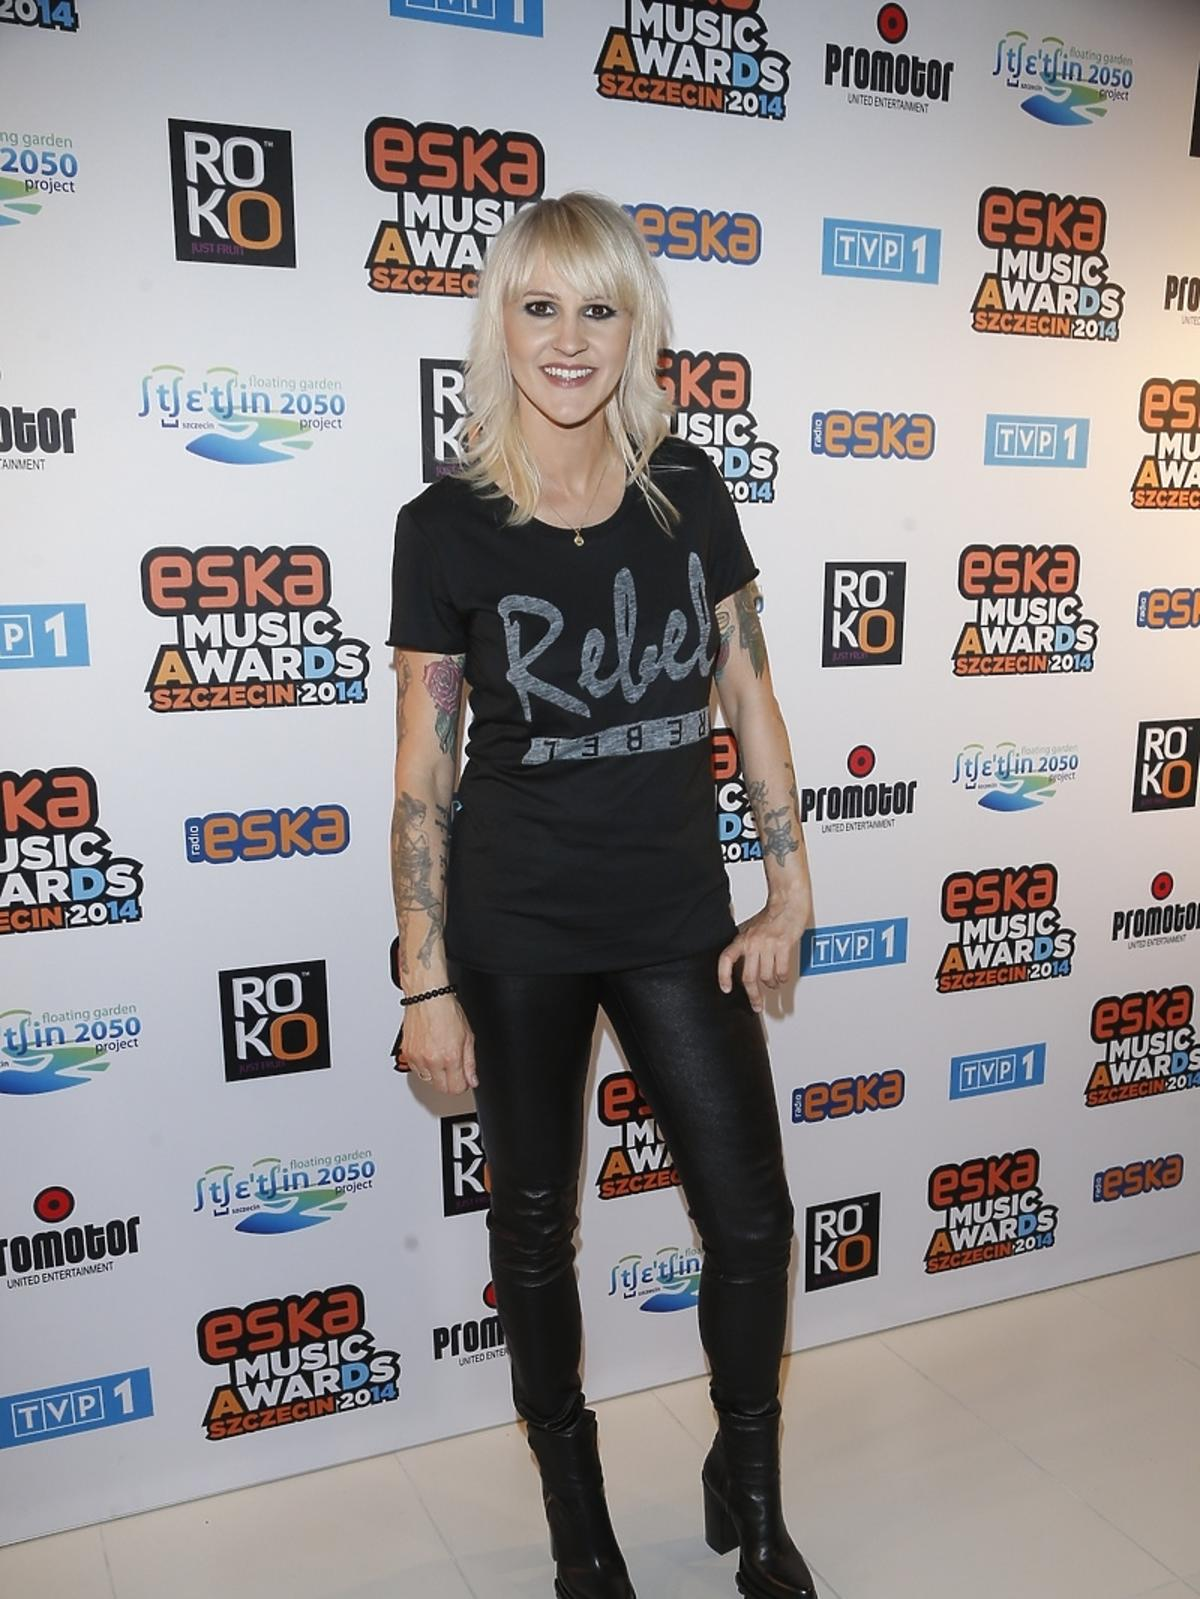 Agnieszka Chylińska na Eska Music Awards 2014